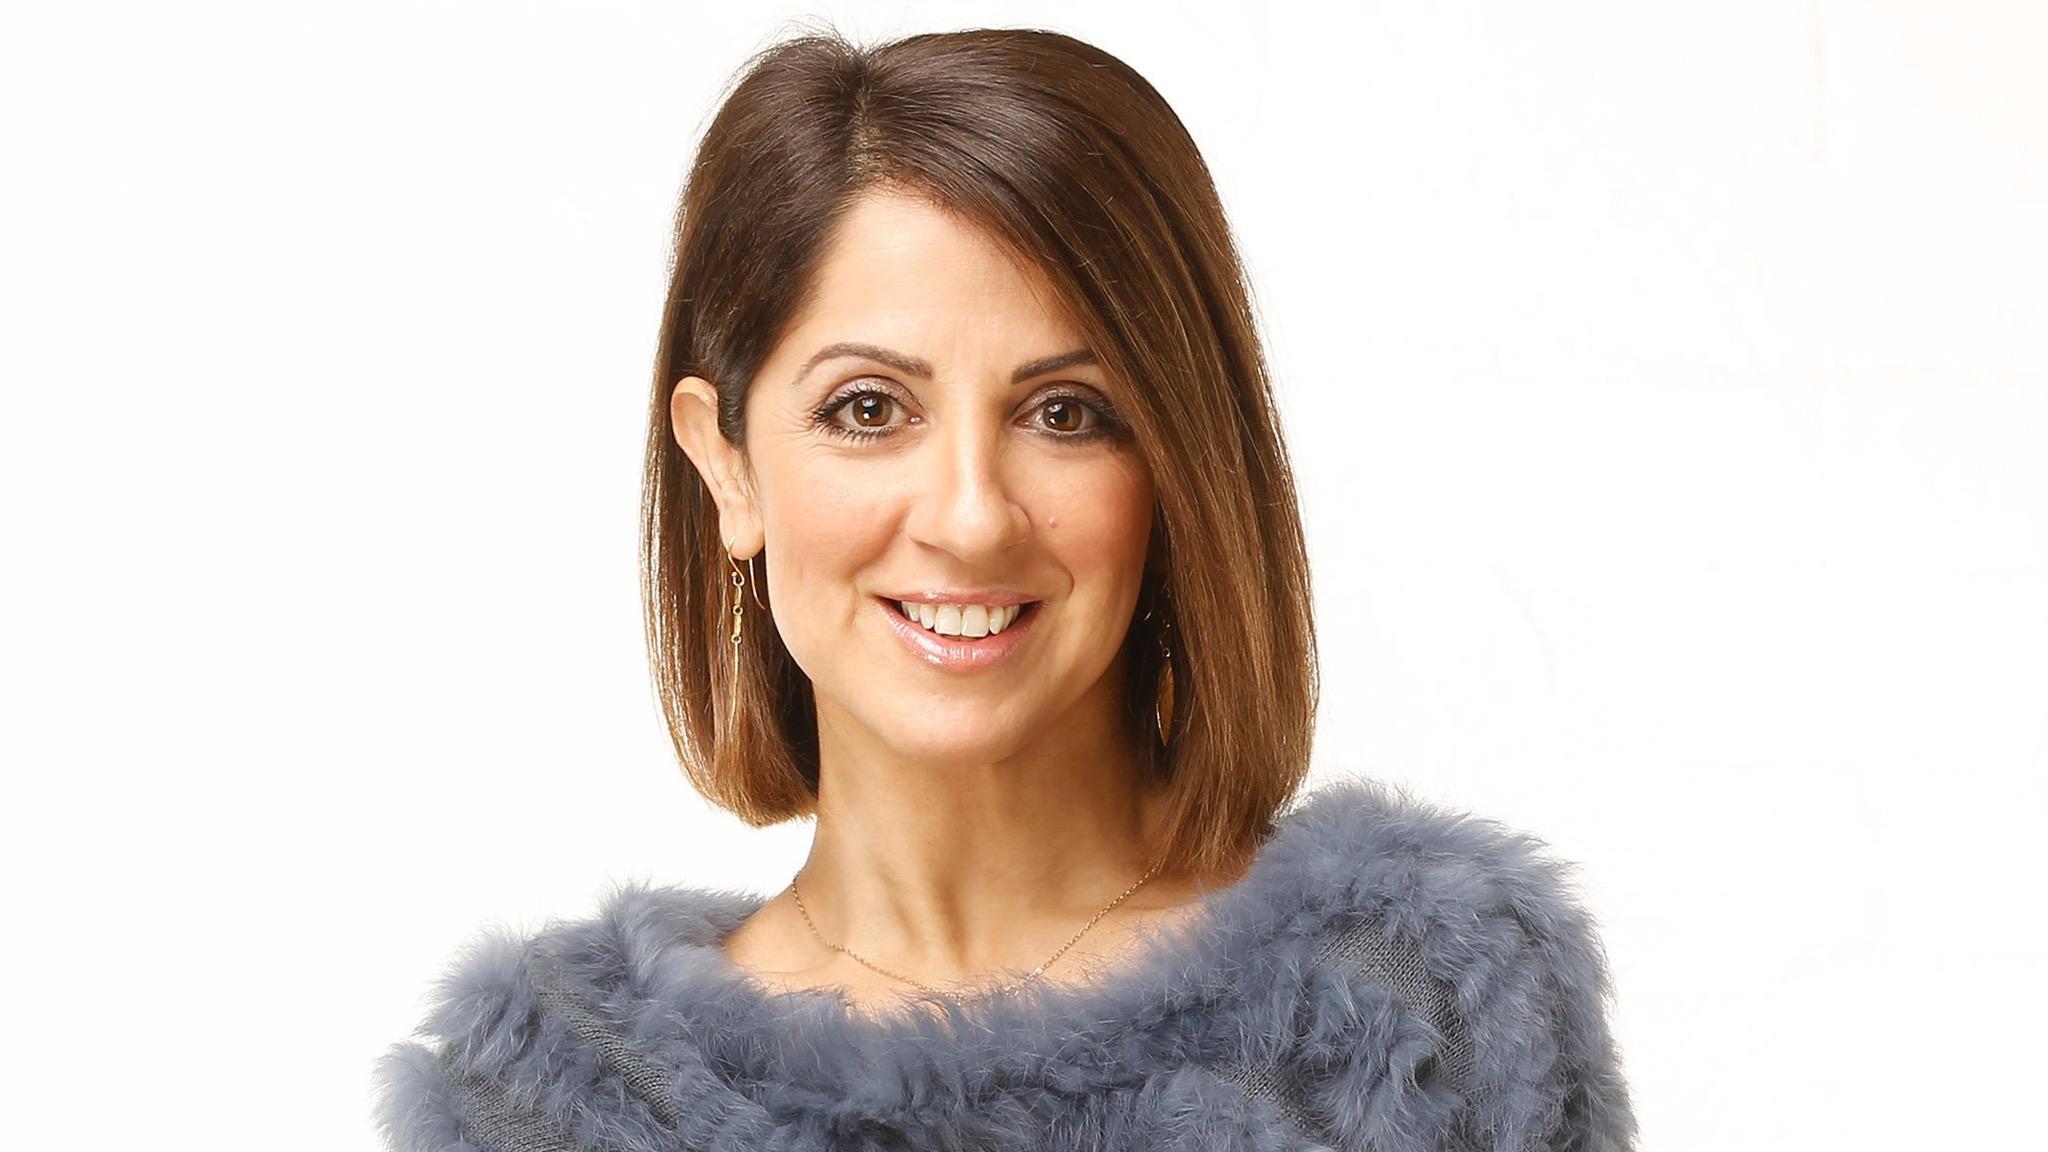 Silvie Paladino